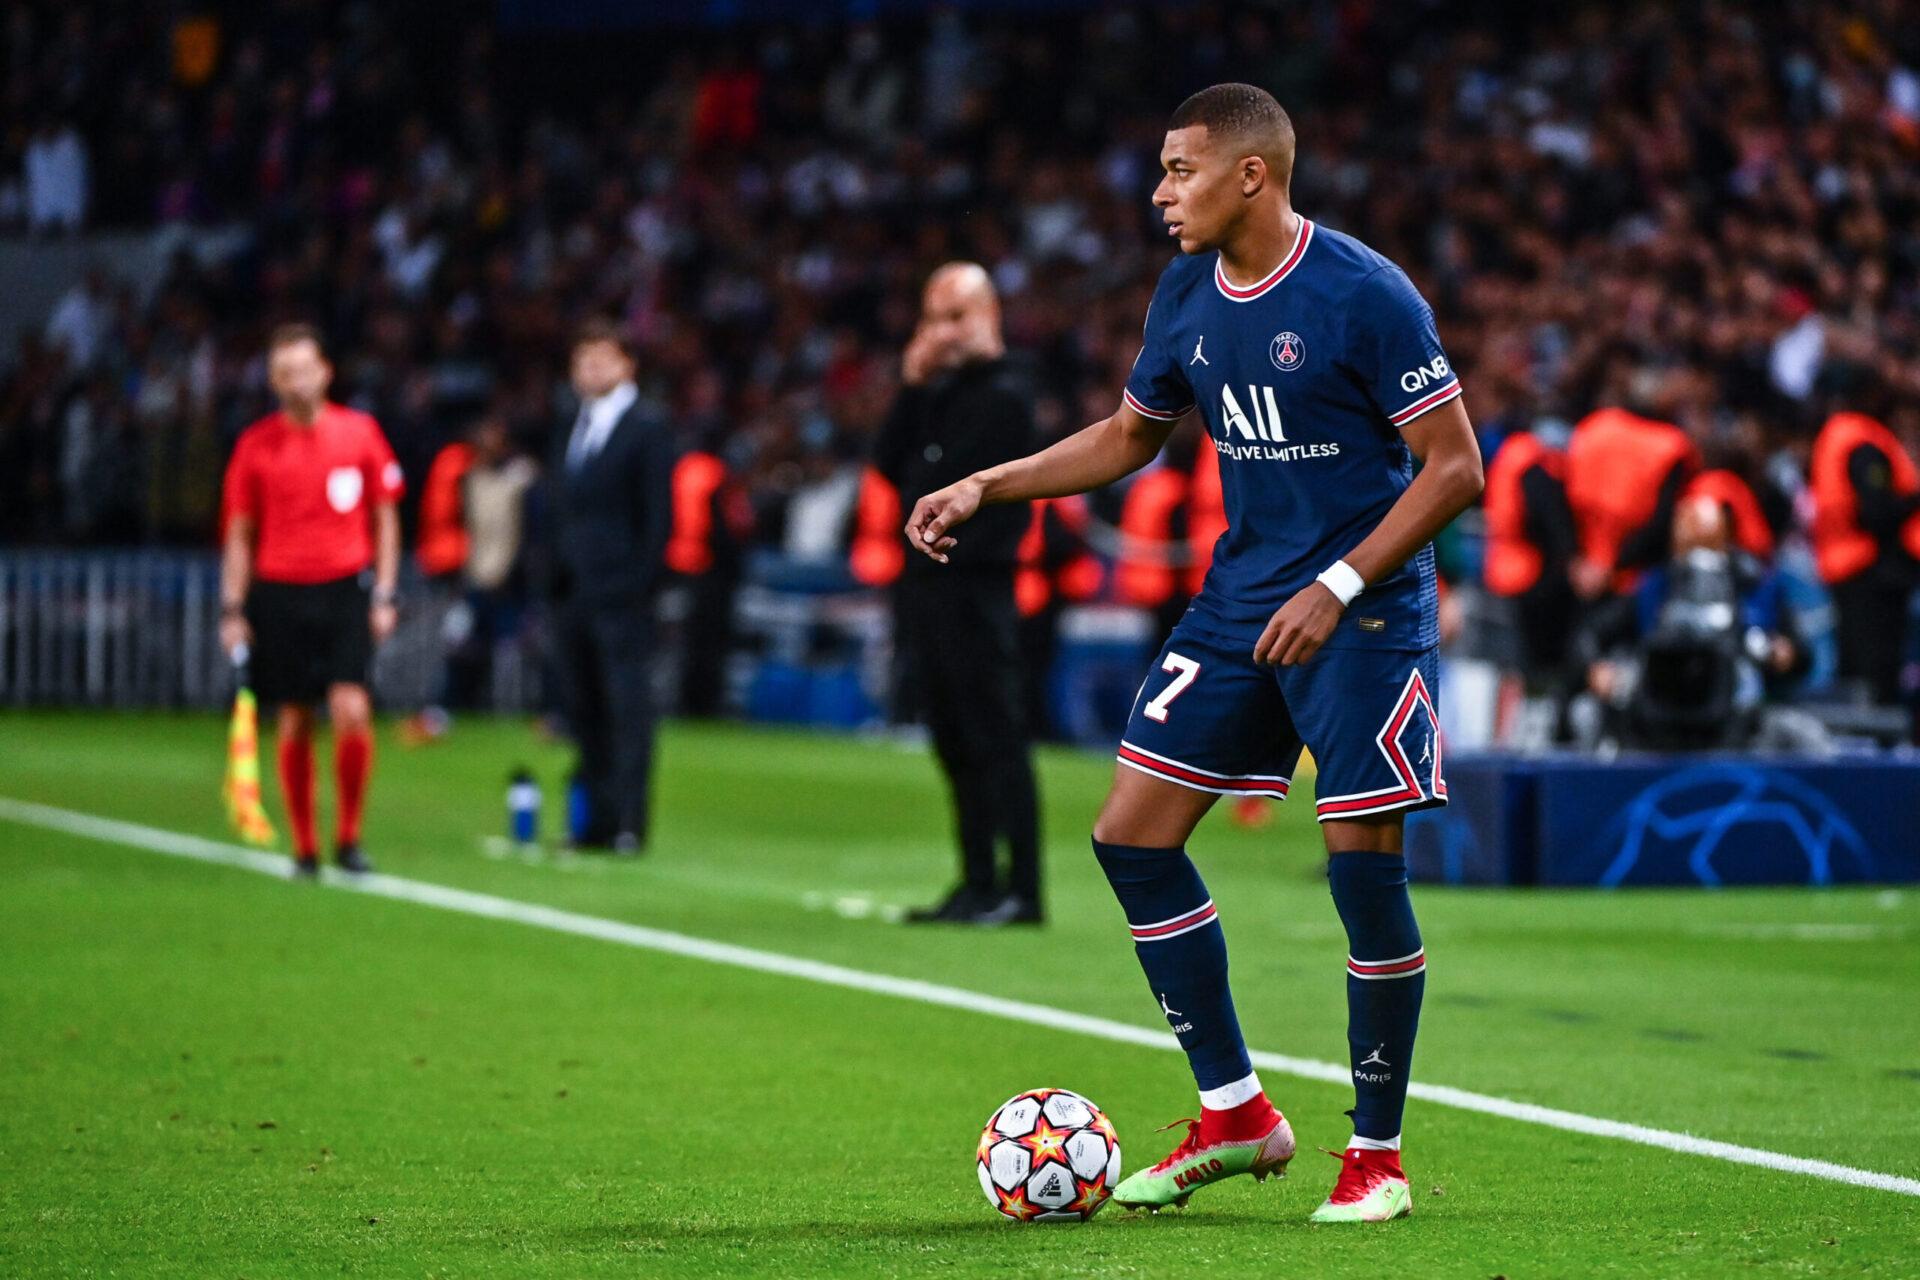 Kylian Mbappé devrait jouer sa dernière saison au Paris Saint-Germain, après cinq ans passés à Paris. Icon Sport